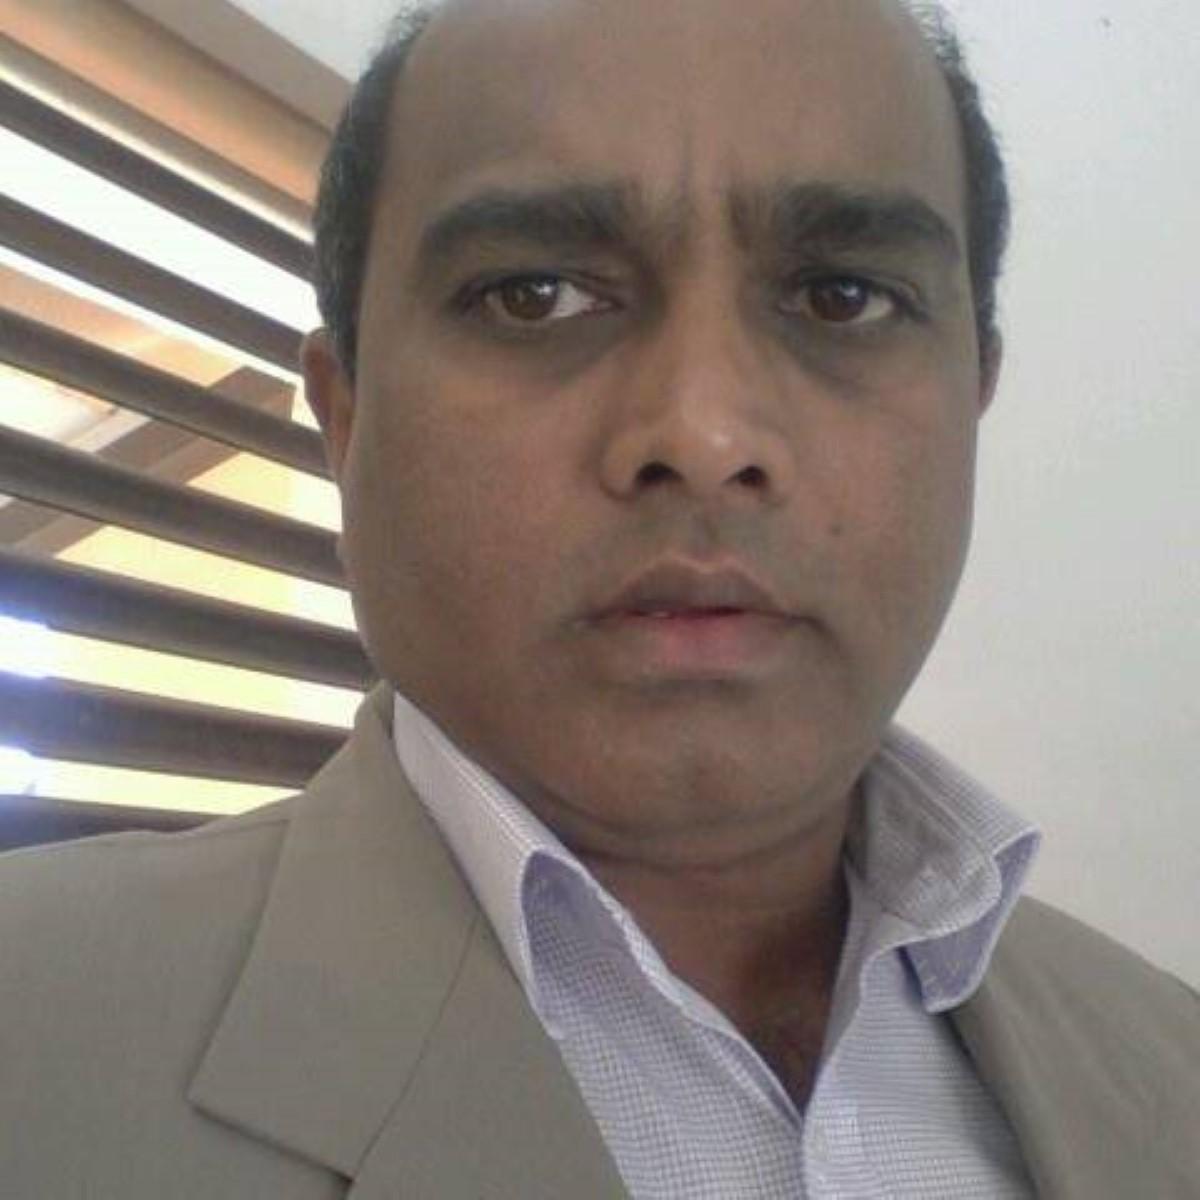 Photo profil FB